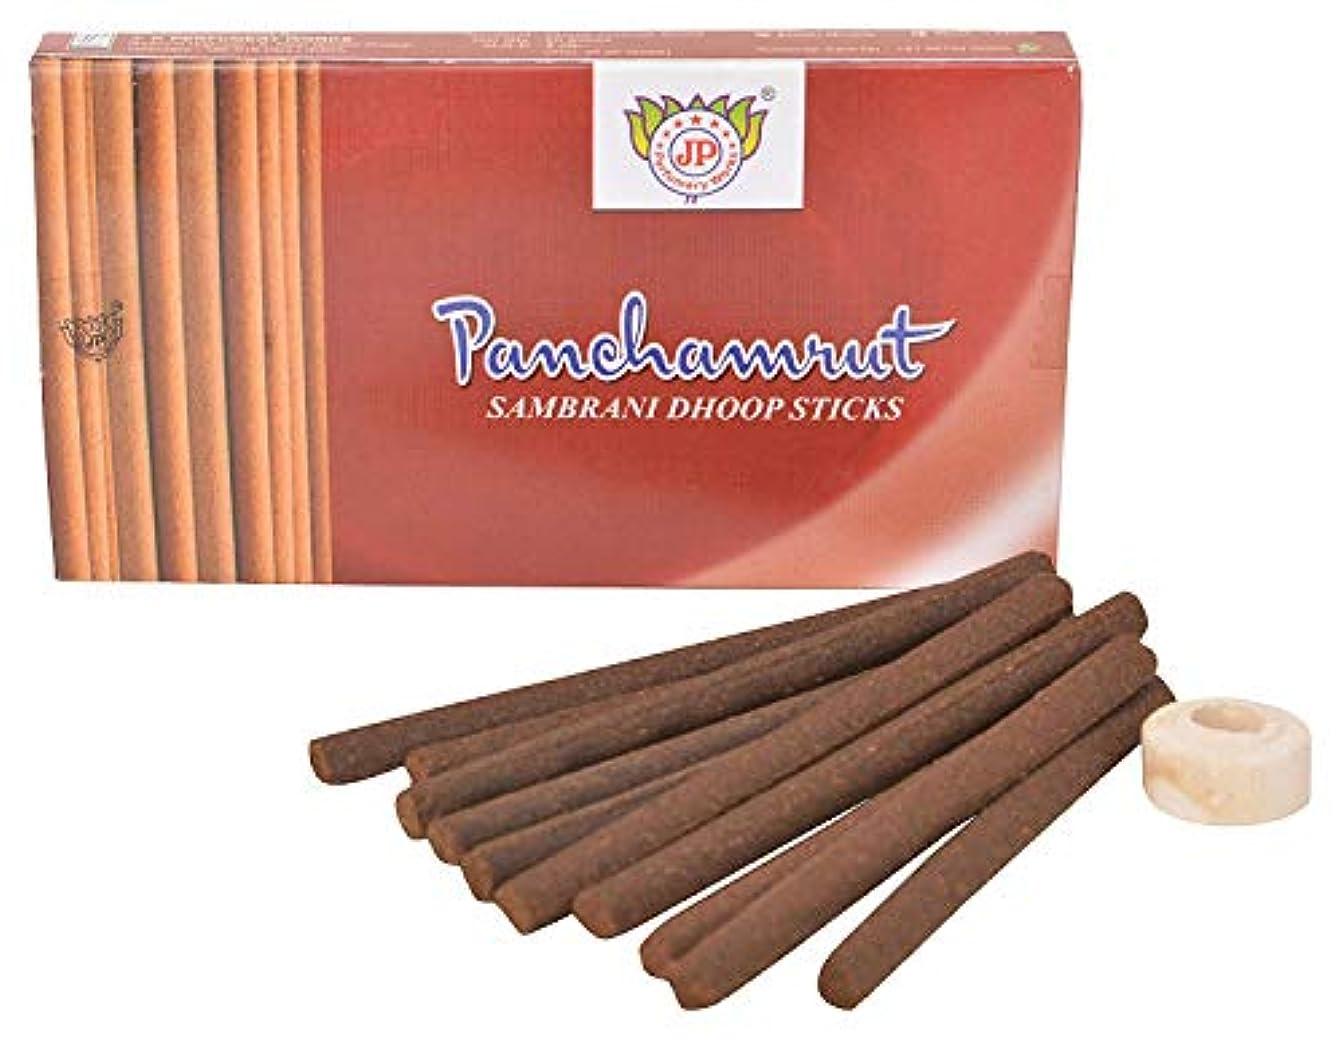 手当ラリー論理的にJ.P.Perfumery Works Panchamrut Sambrani Dhoop Sticks - Pack 12